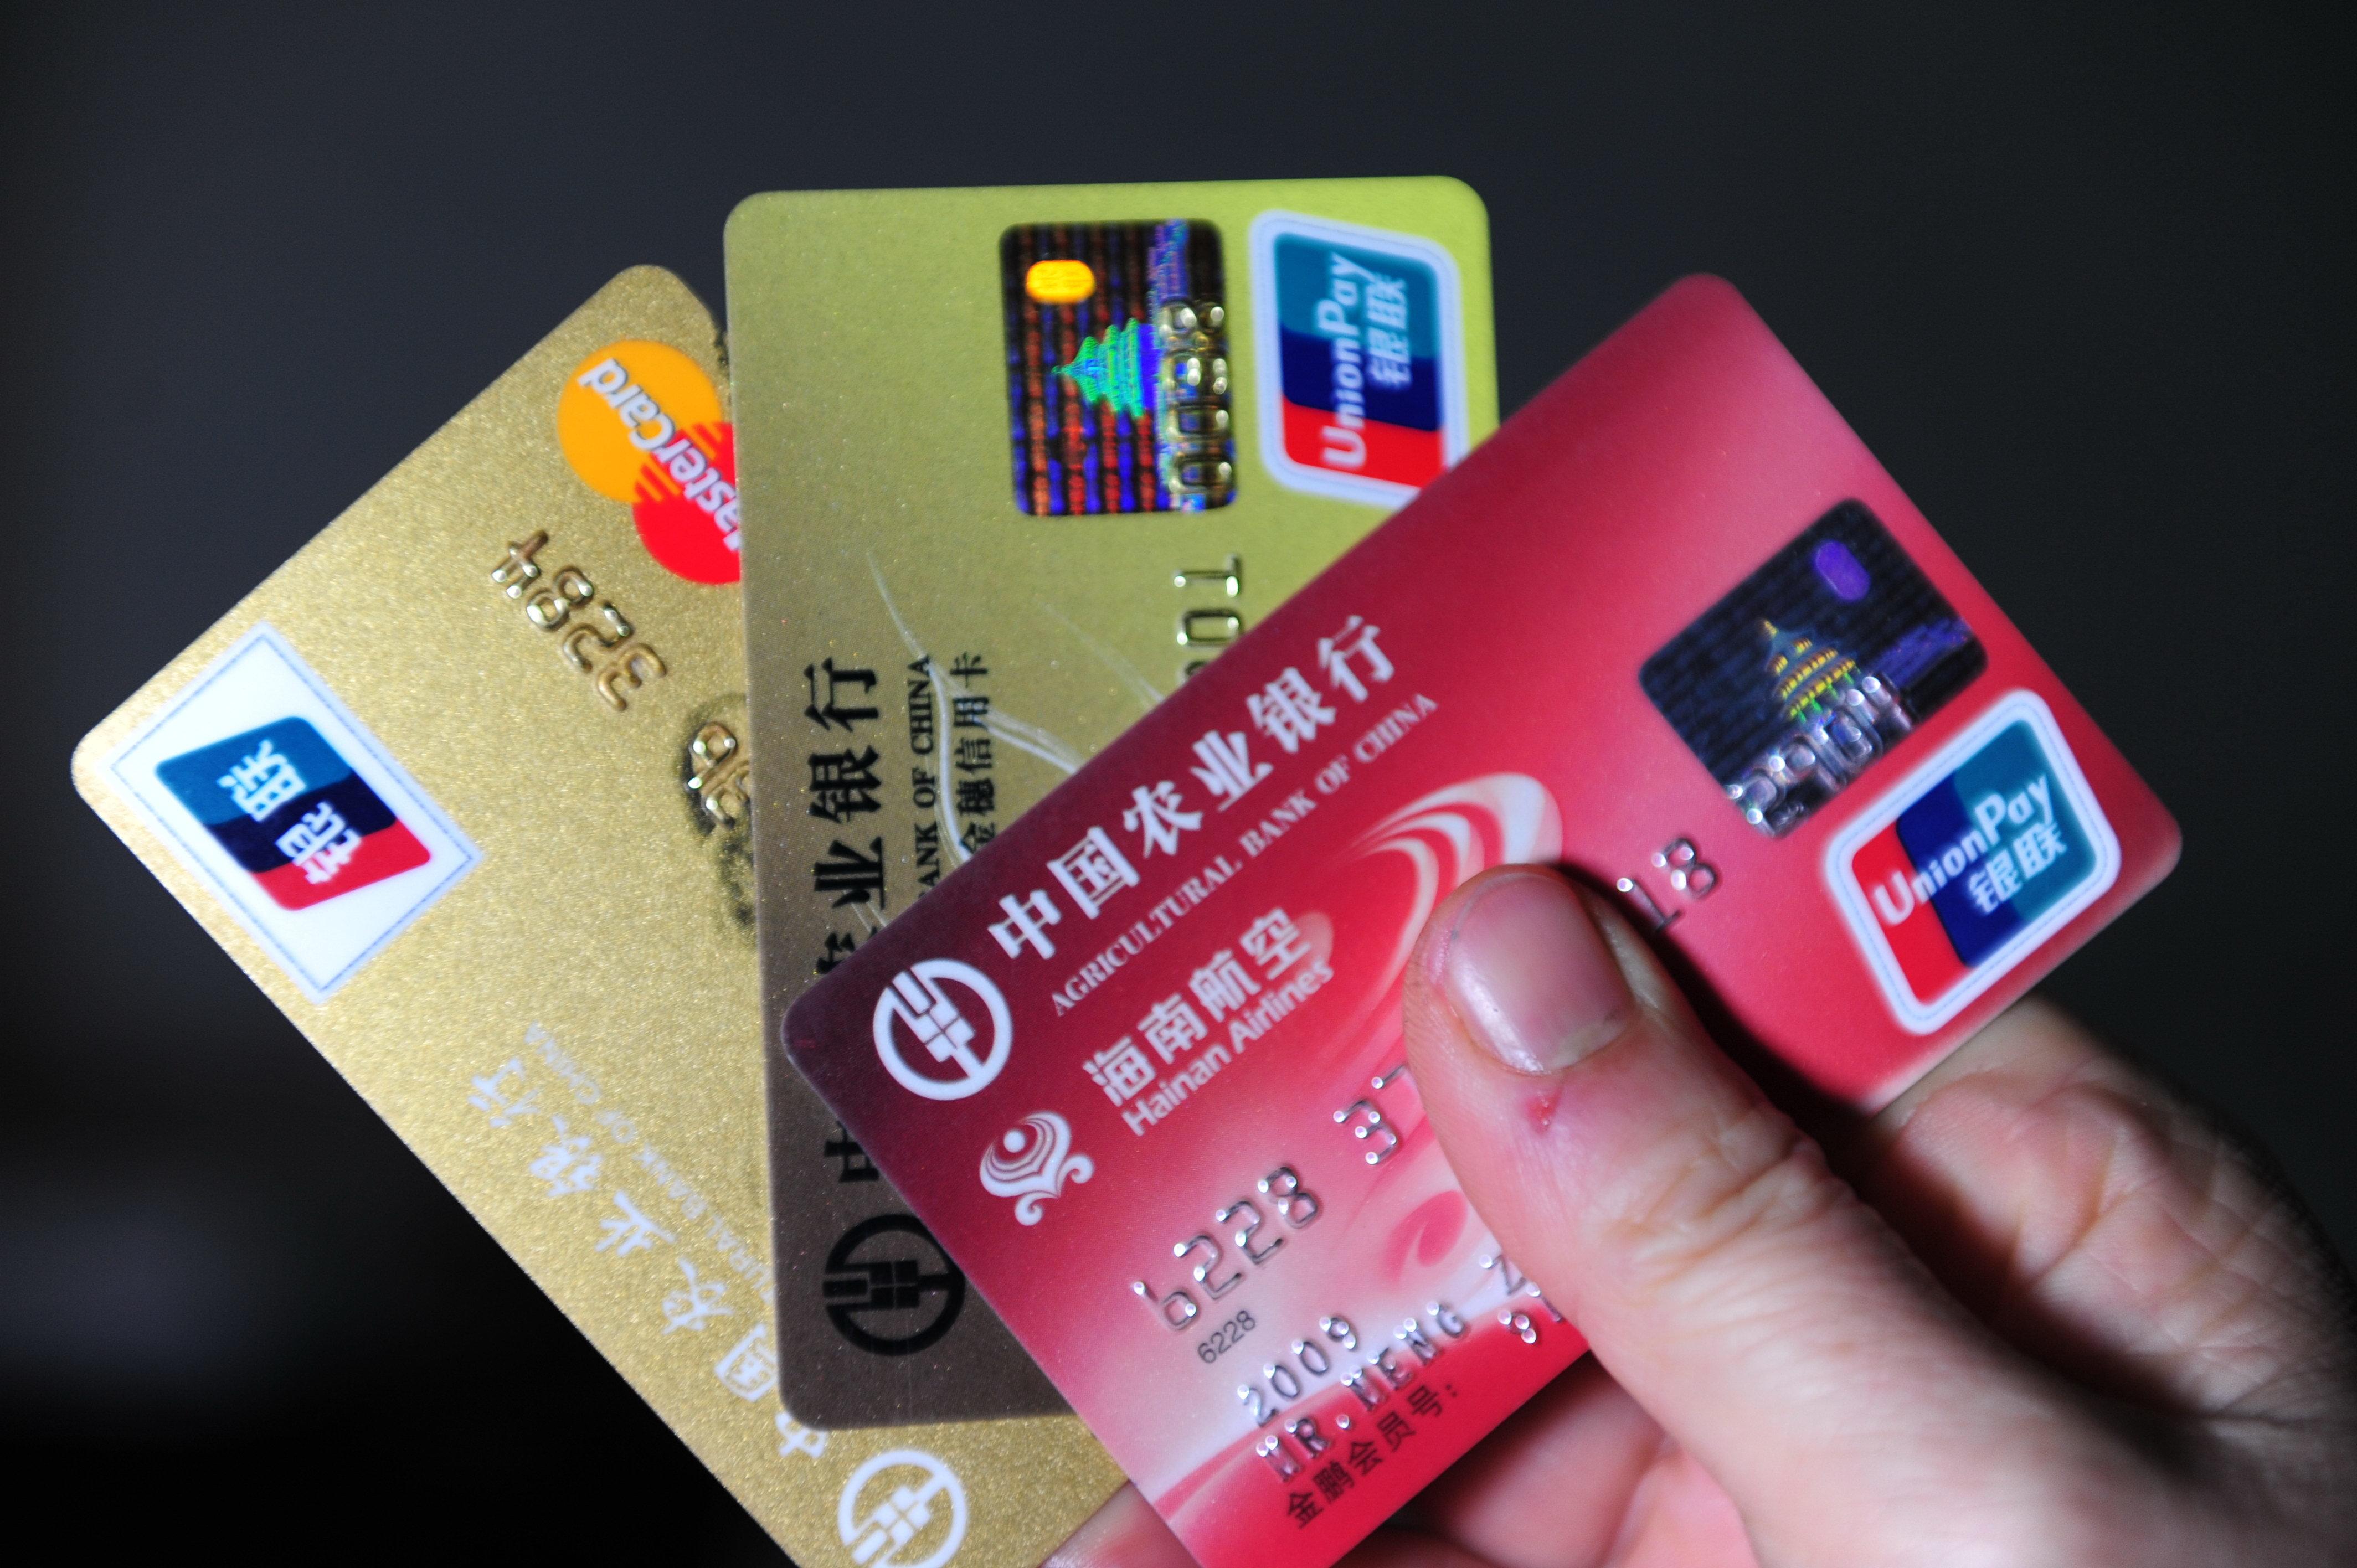 你手里有这几张信用卡吗?别留着了,赶紧销卡!